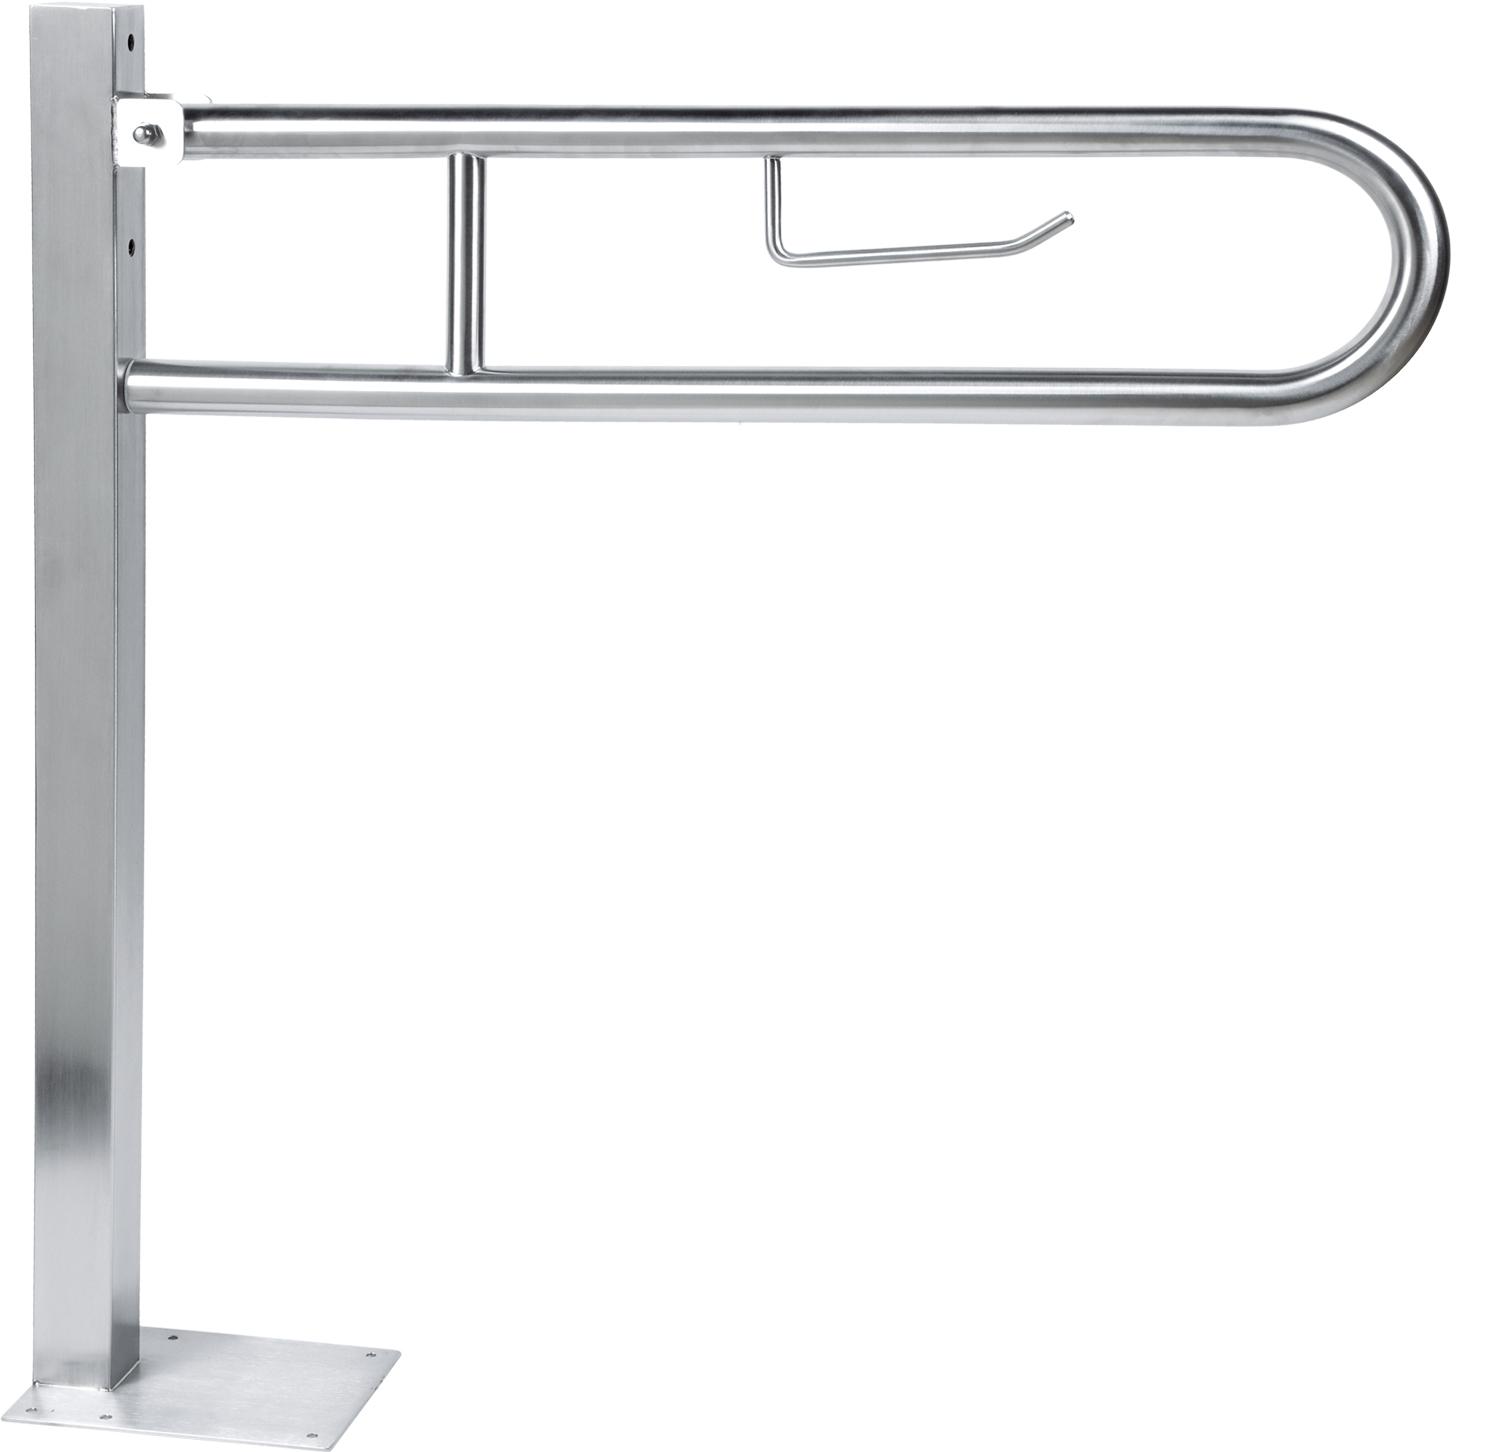 barre d 39 appui tous les fournisseurs barre de relevement hopital chambre salle de bain. Black Bedroom Furniture Sets. Home Design Ideas